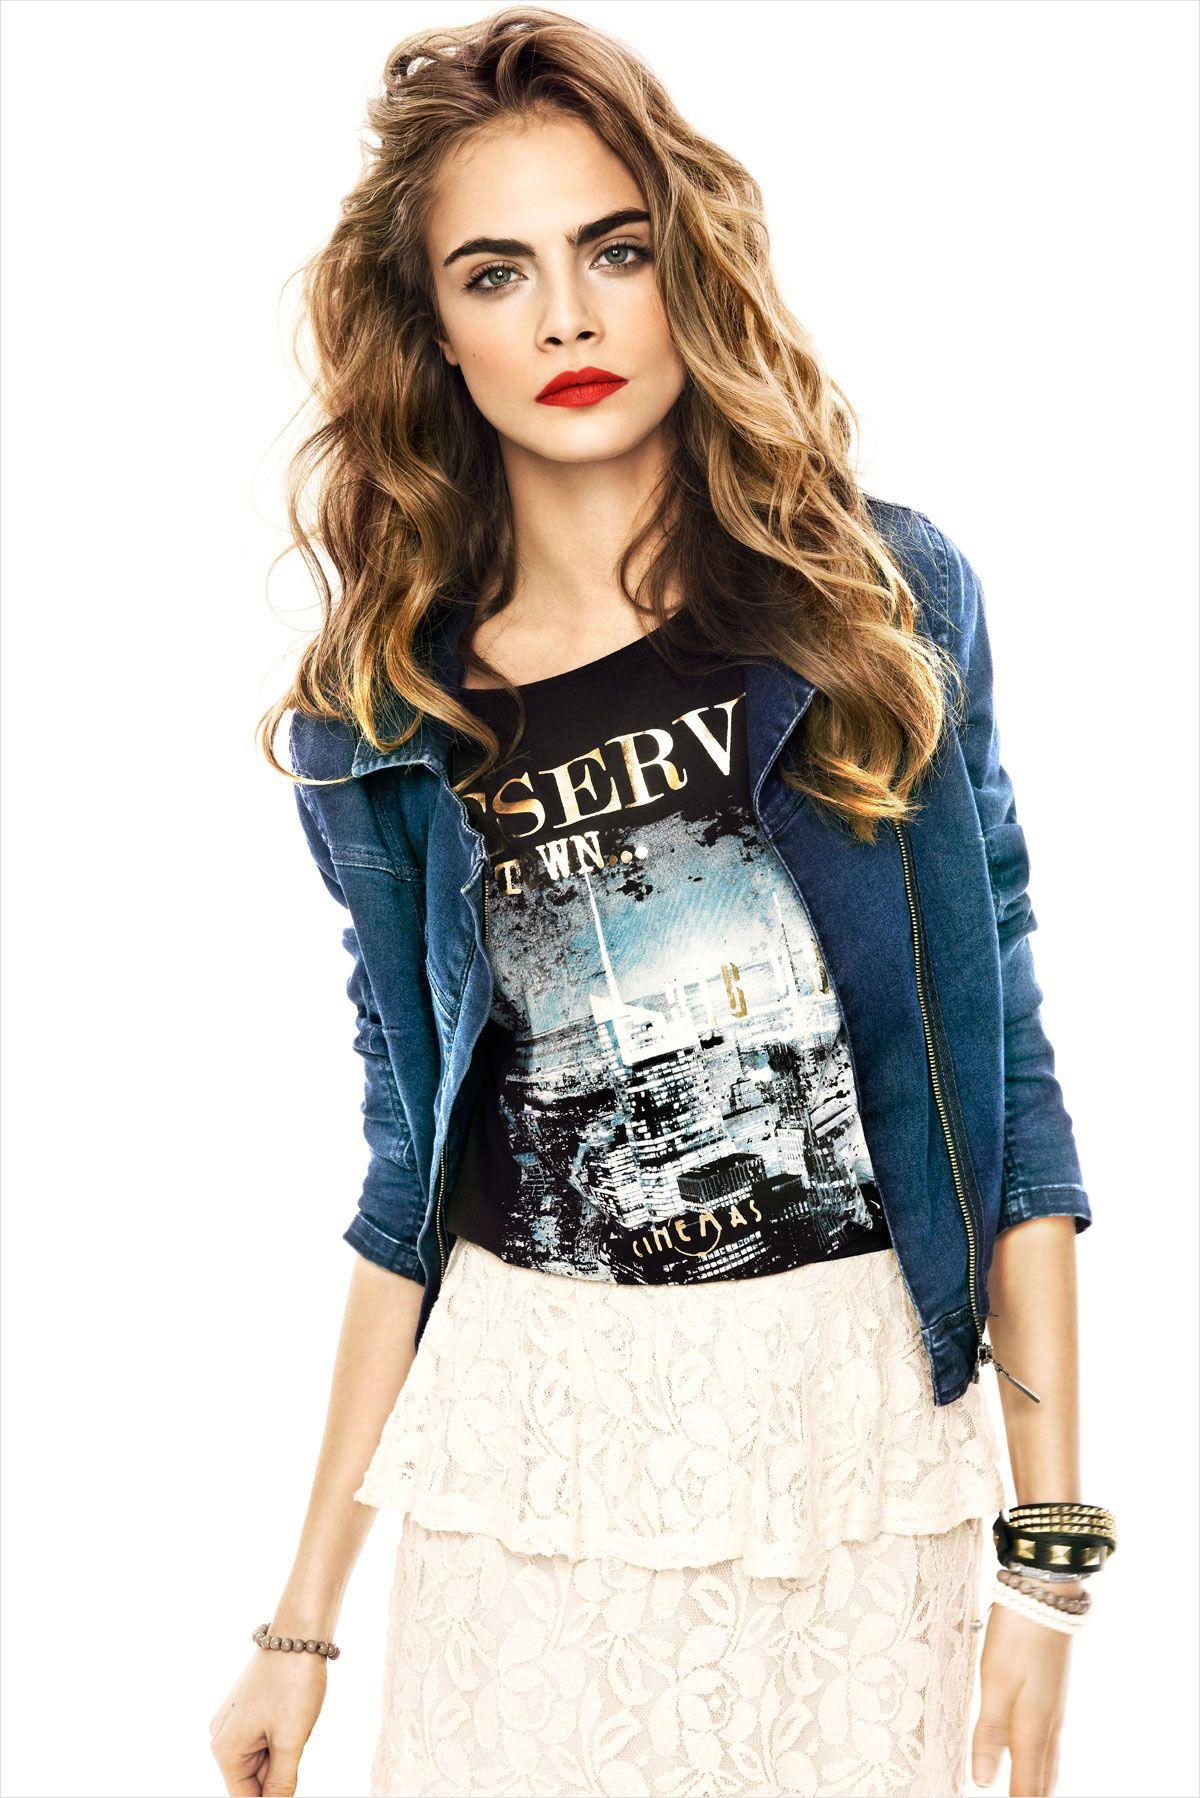 Фото одежды для девушек 18 лет 21 фотография